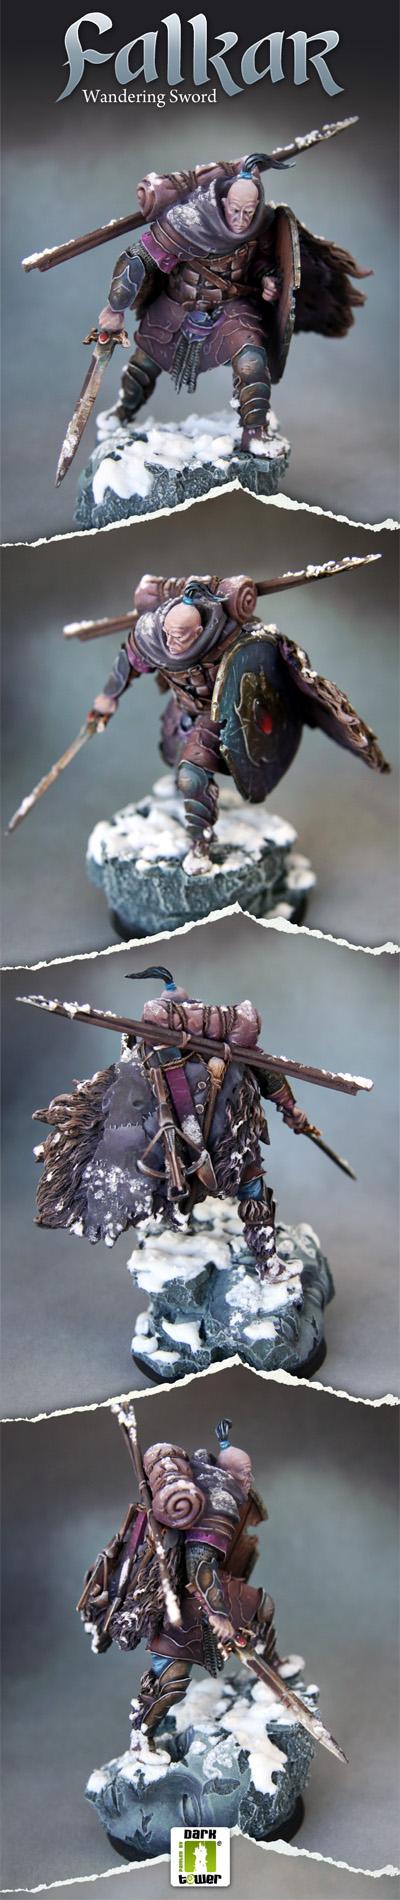 Falkar Wandering Sword